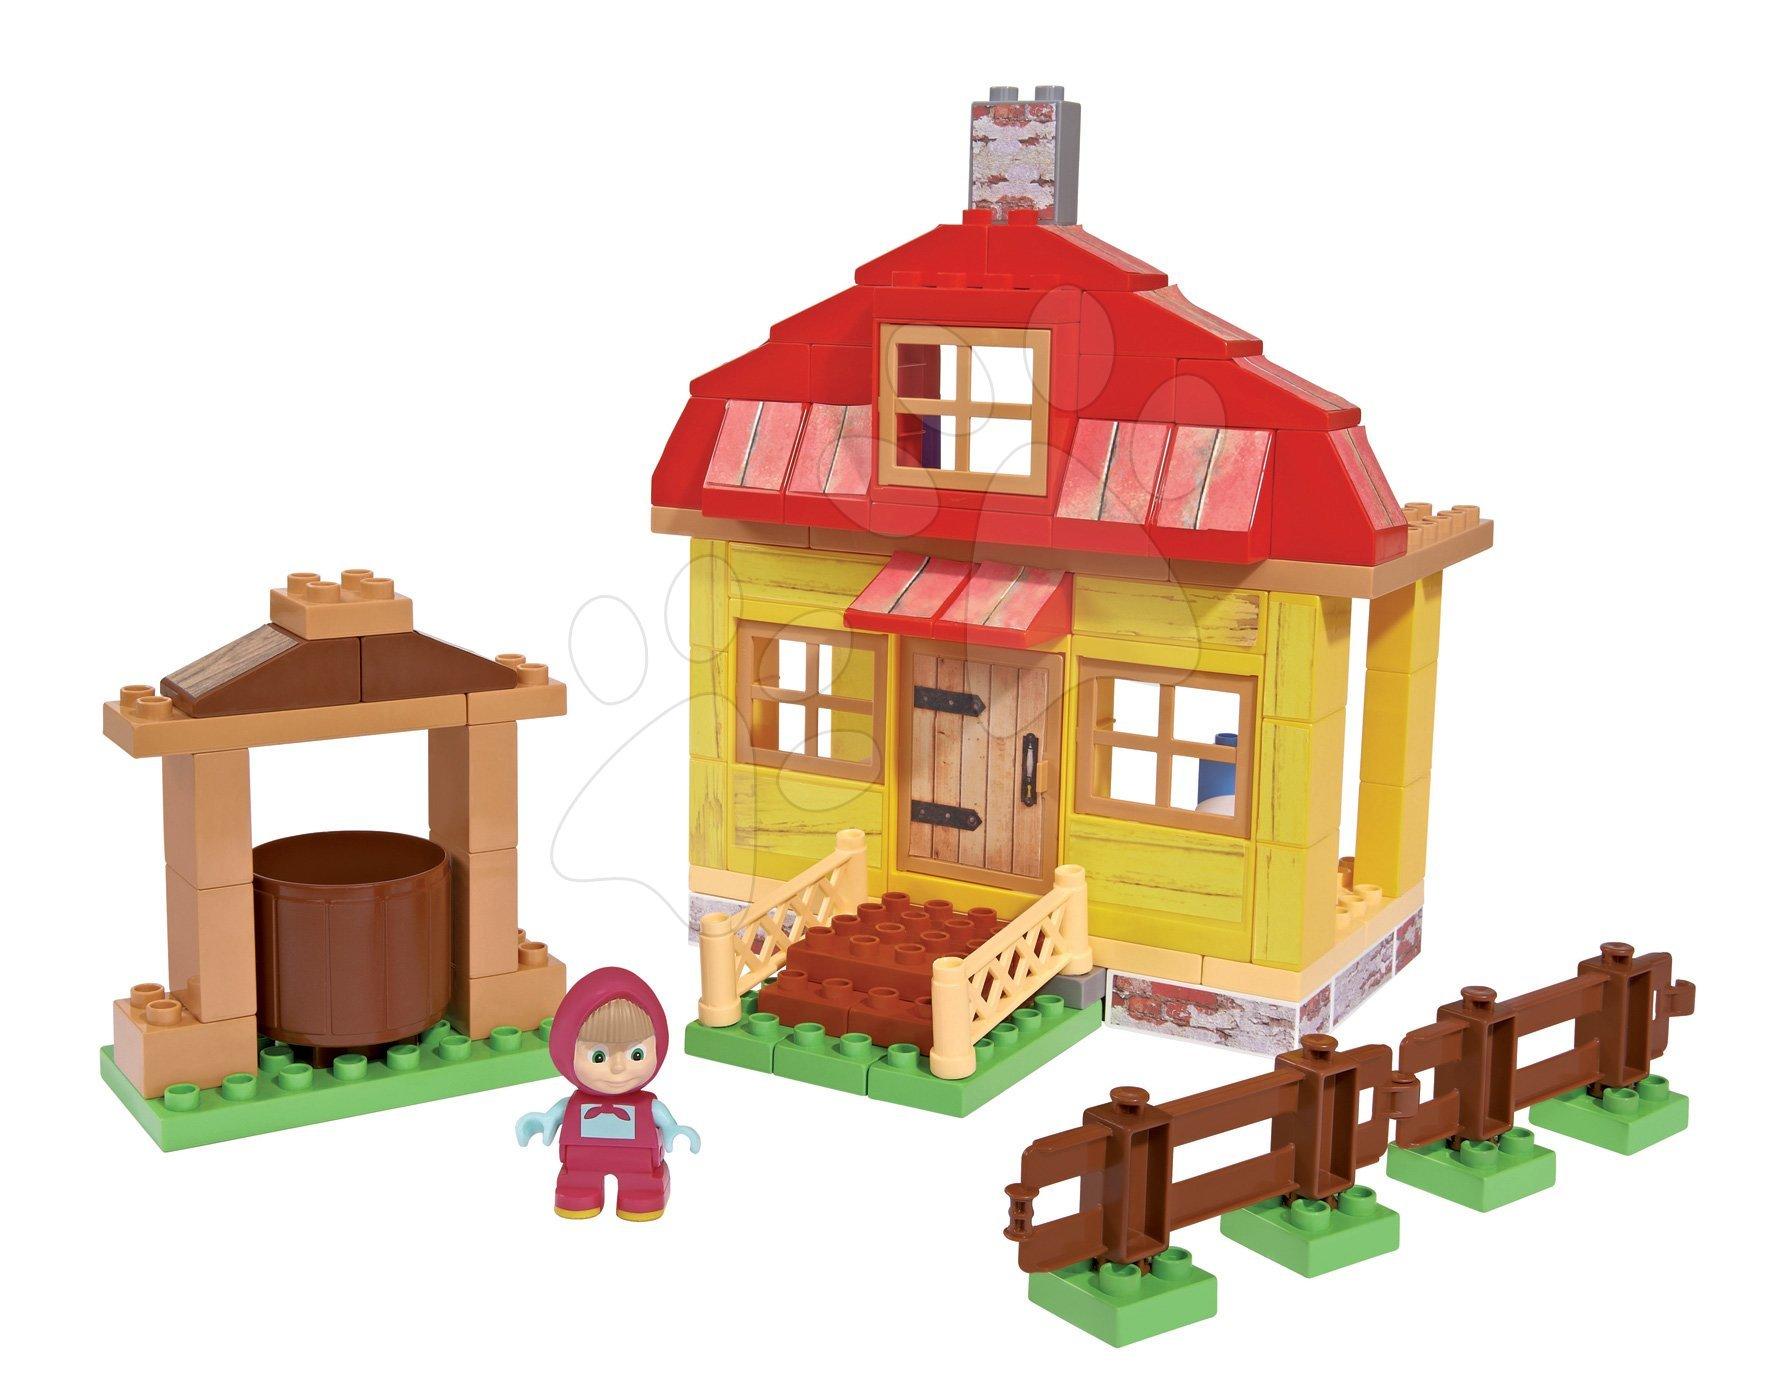 Stavebnica Máša a medveď v domčeku PlayBIG Bloxx BIG s 1 figúrkou 95 dielov od 1,5-5 rokov